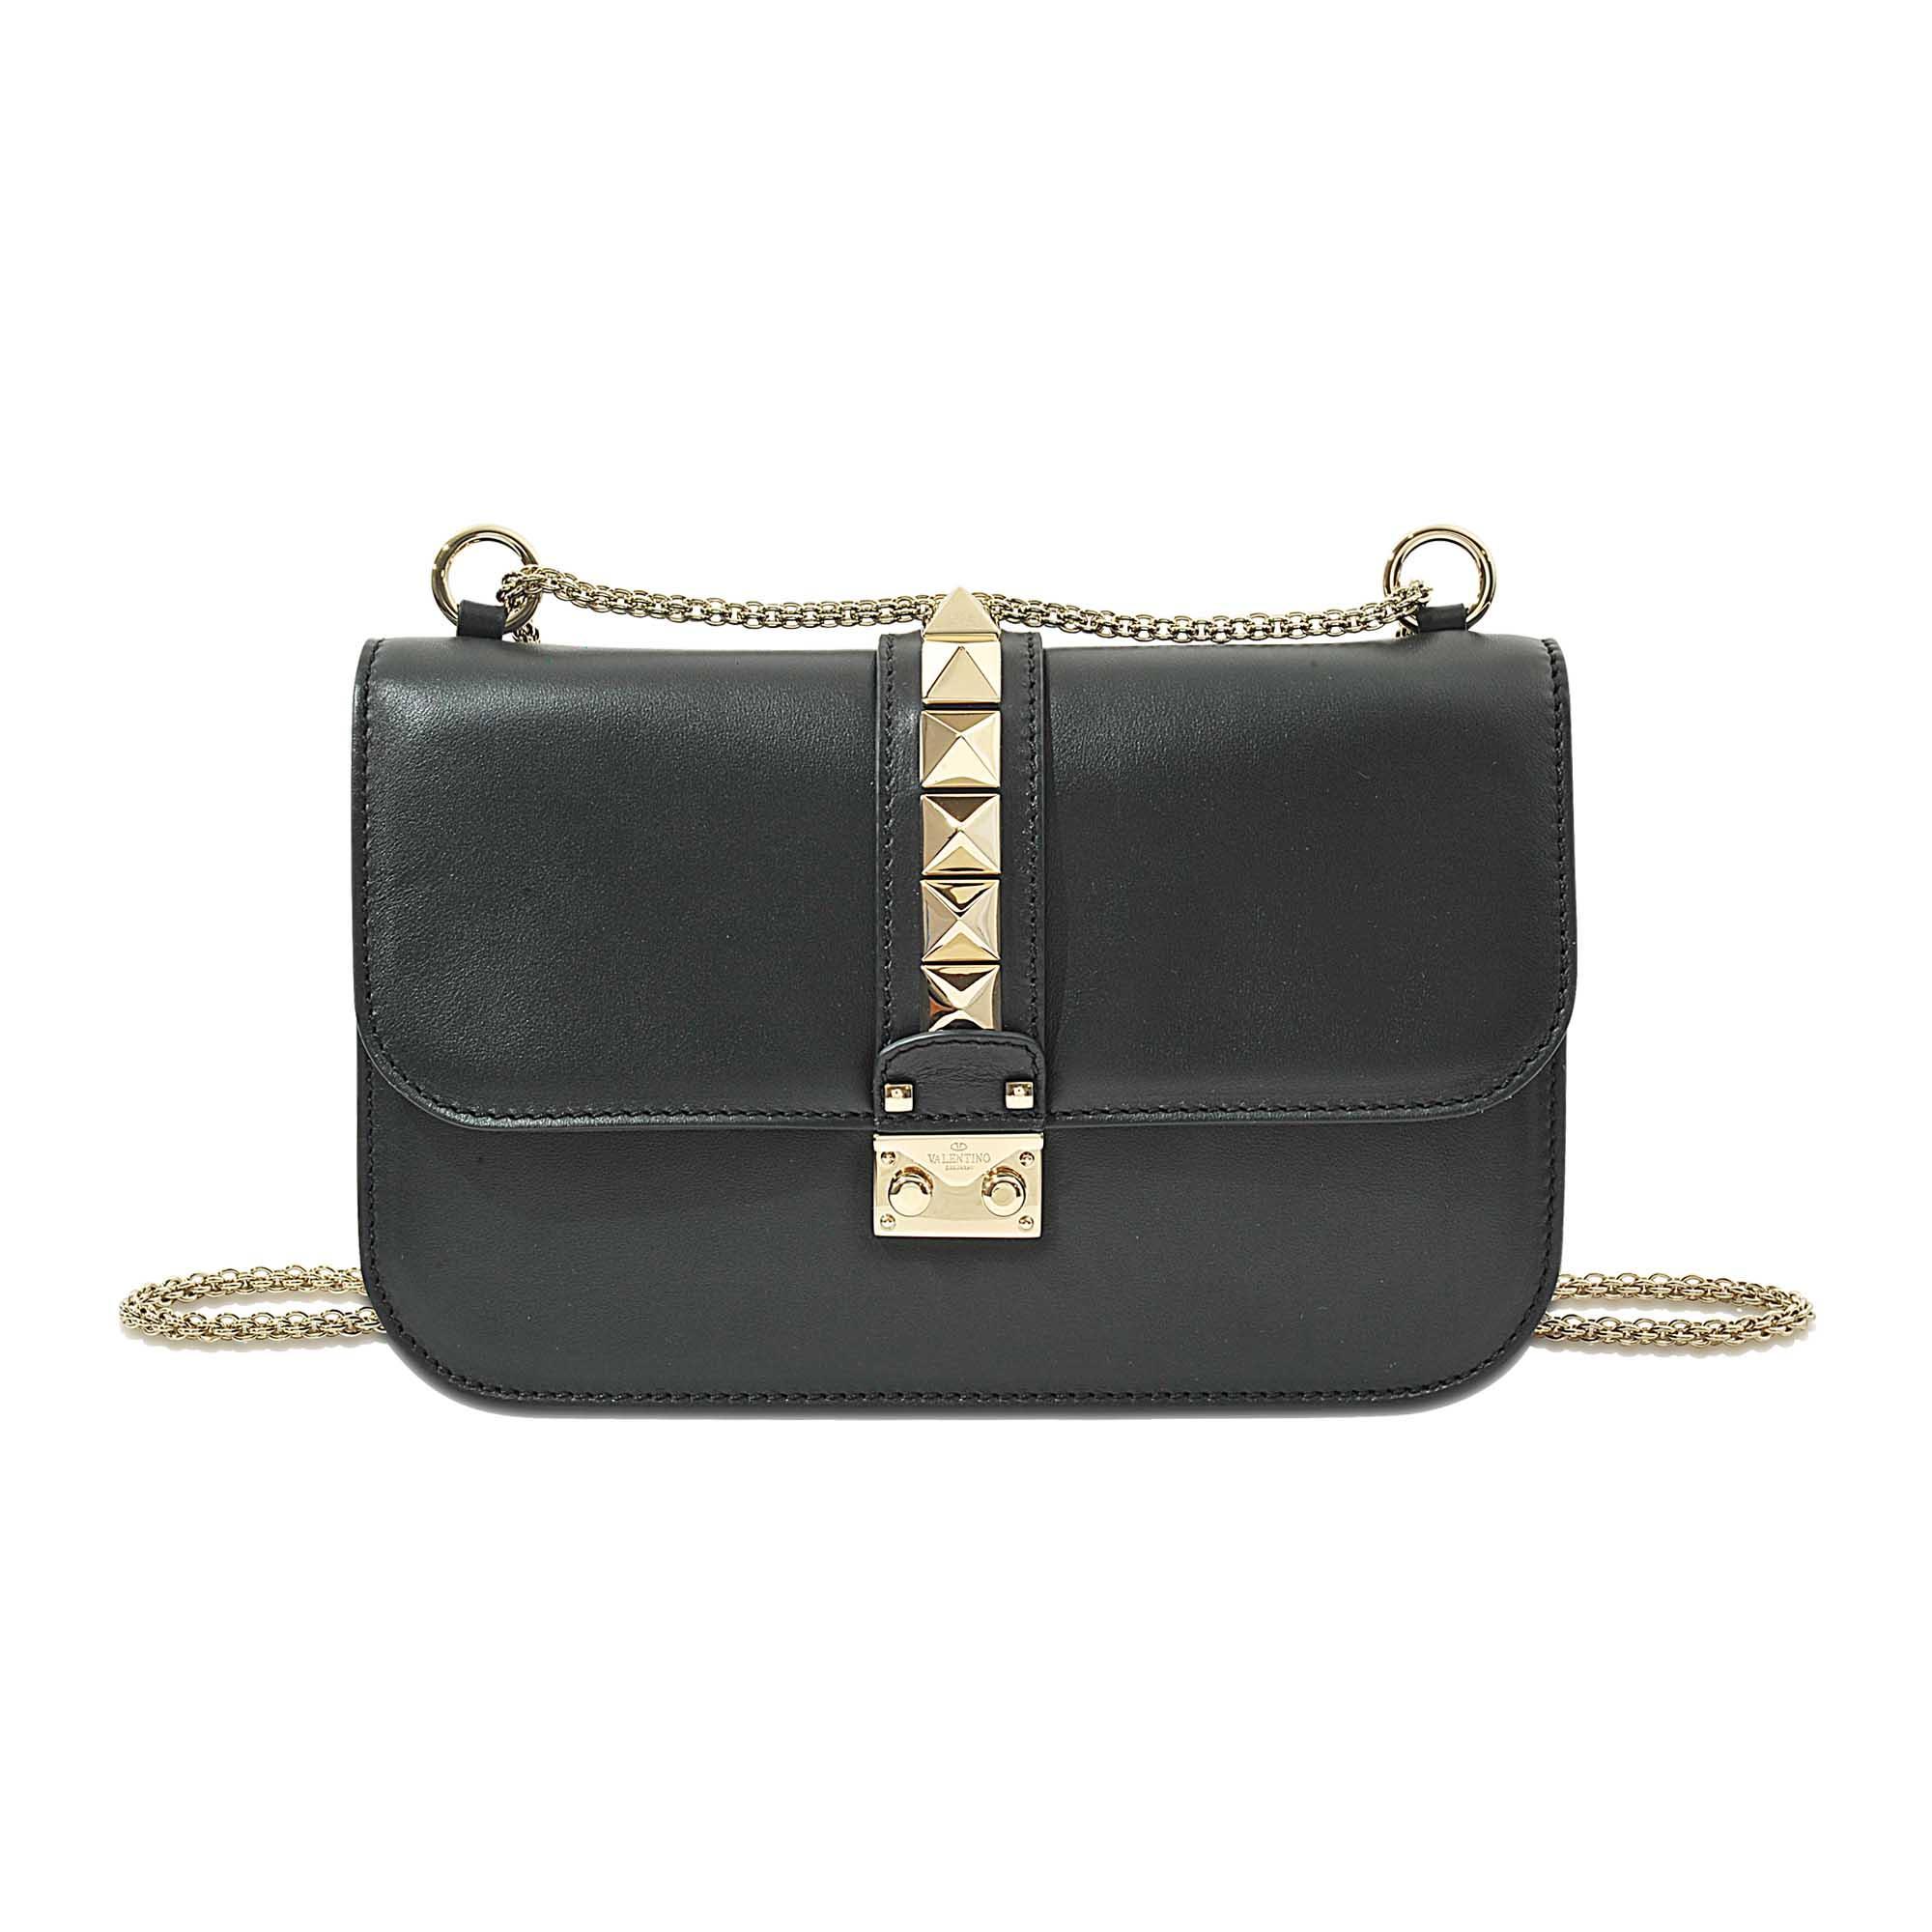 lyst valentino lock medium shoulder bag in black save 14. Black Bedroom Furniture Sets. Home Design Ideas